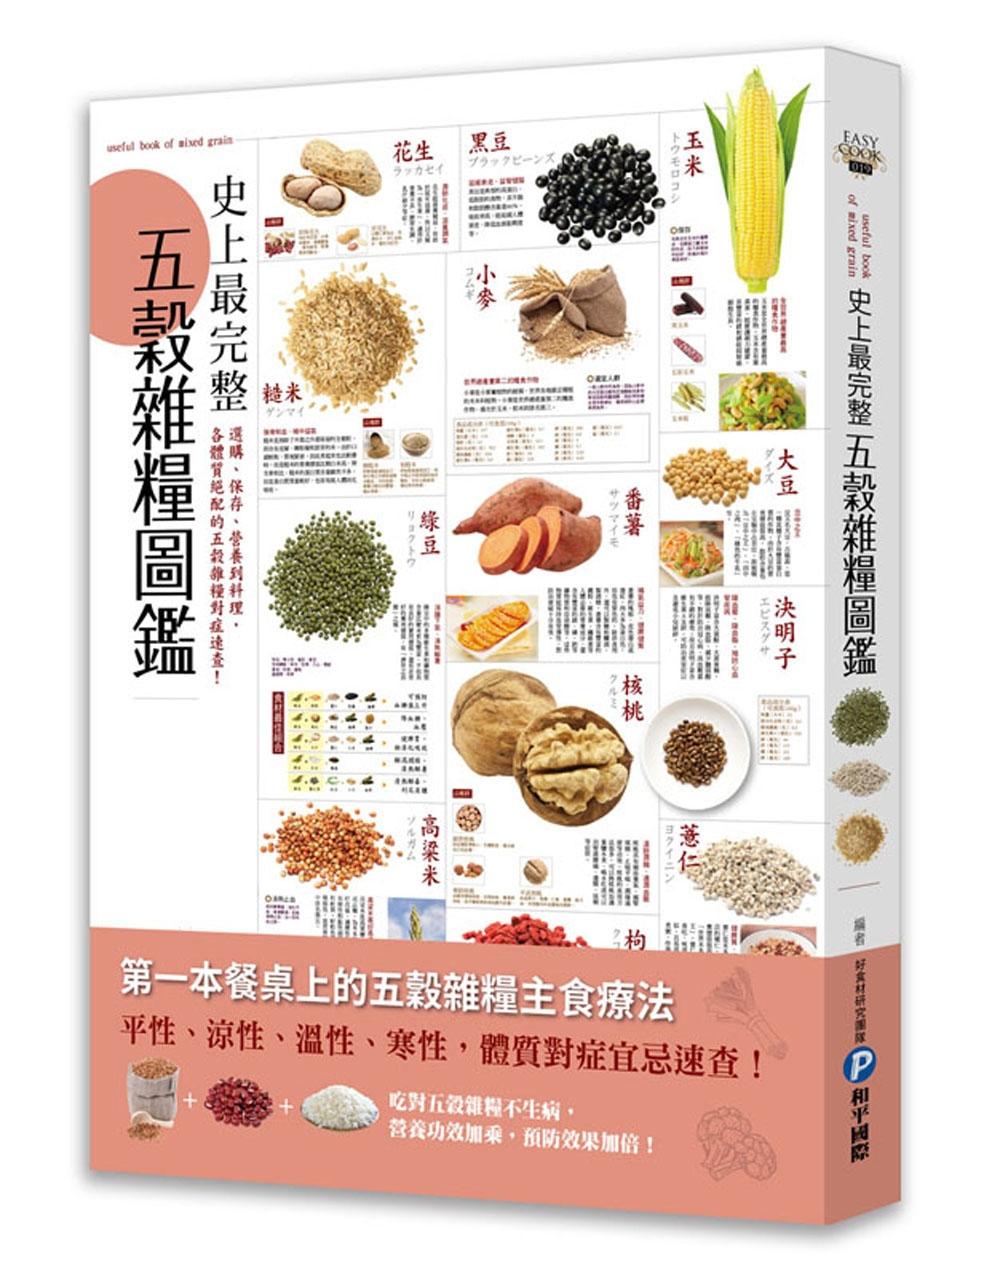 史上最完整五穀雜糧圖鑑:選購、保存、營養到料理,各體質絕配的五穀雜糧對症速查!